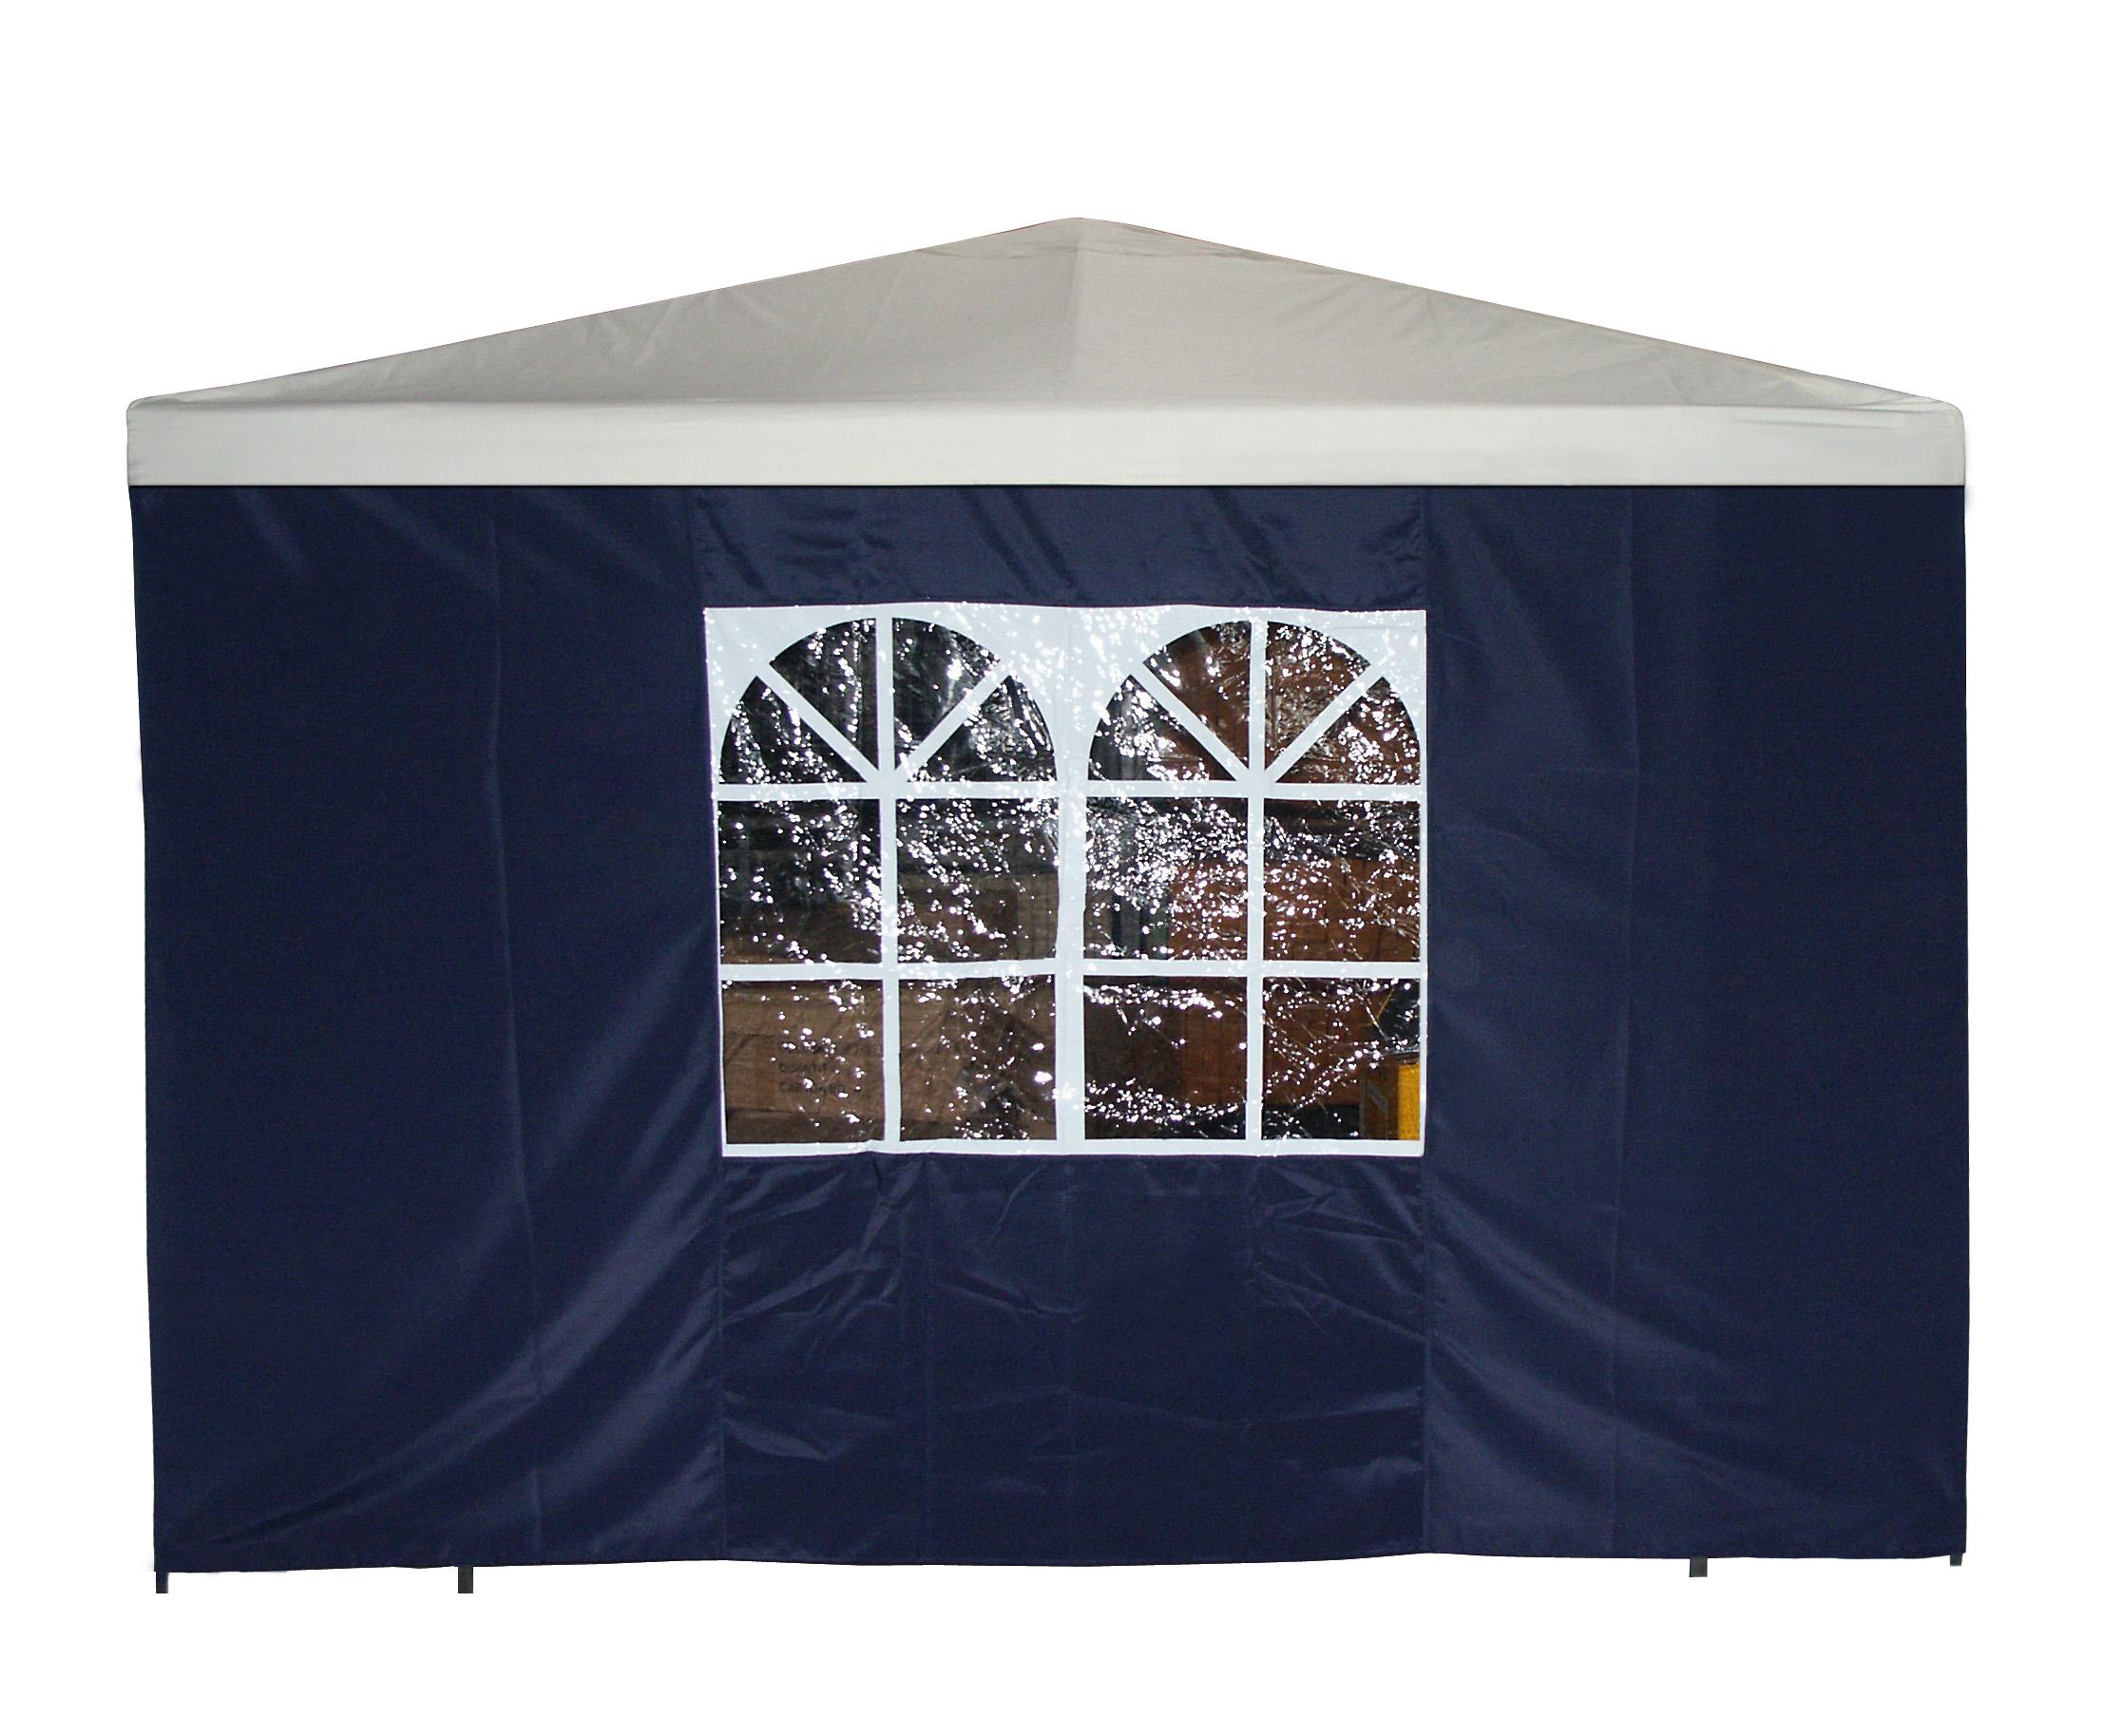 Seitenplane für Pavillon, 3x1,9 Meter, Polyester blau mit Fenster